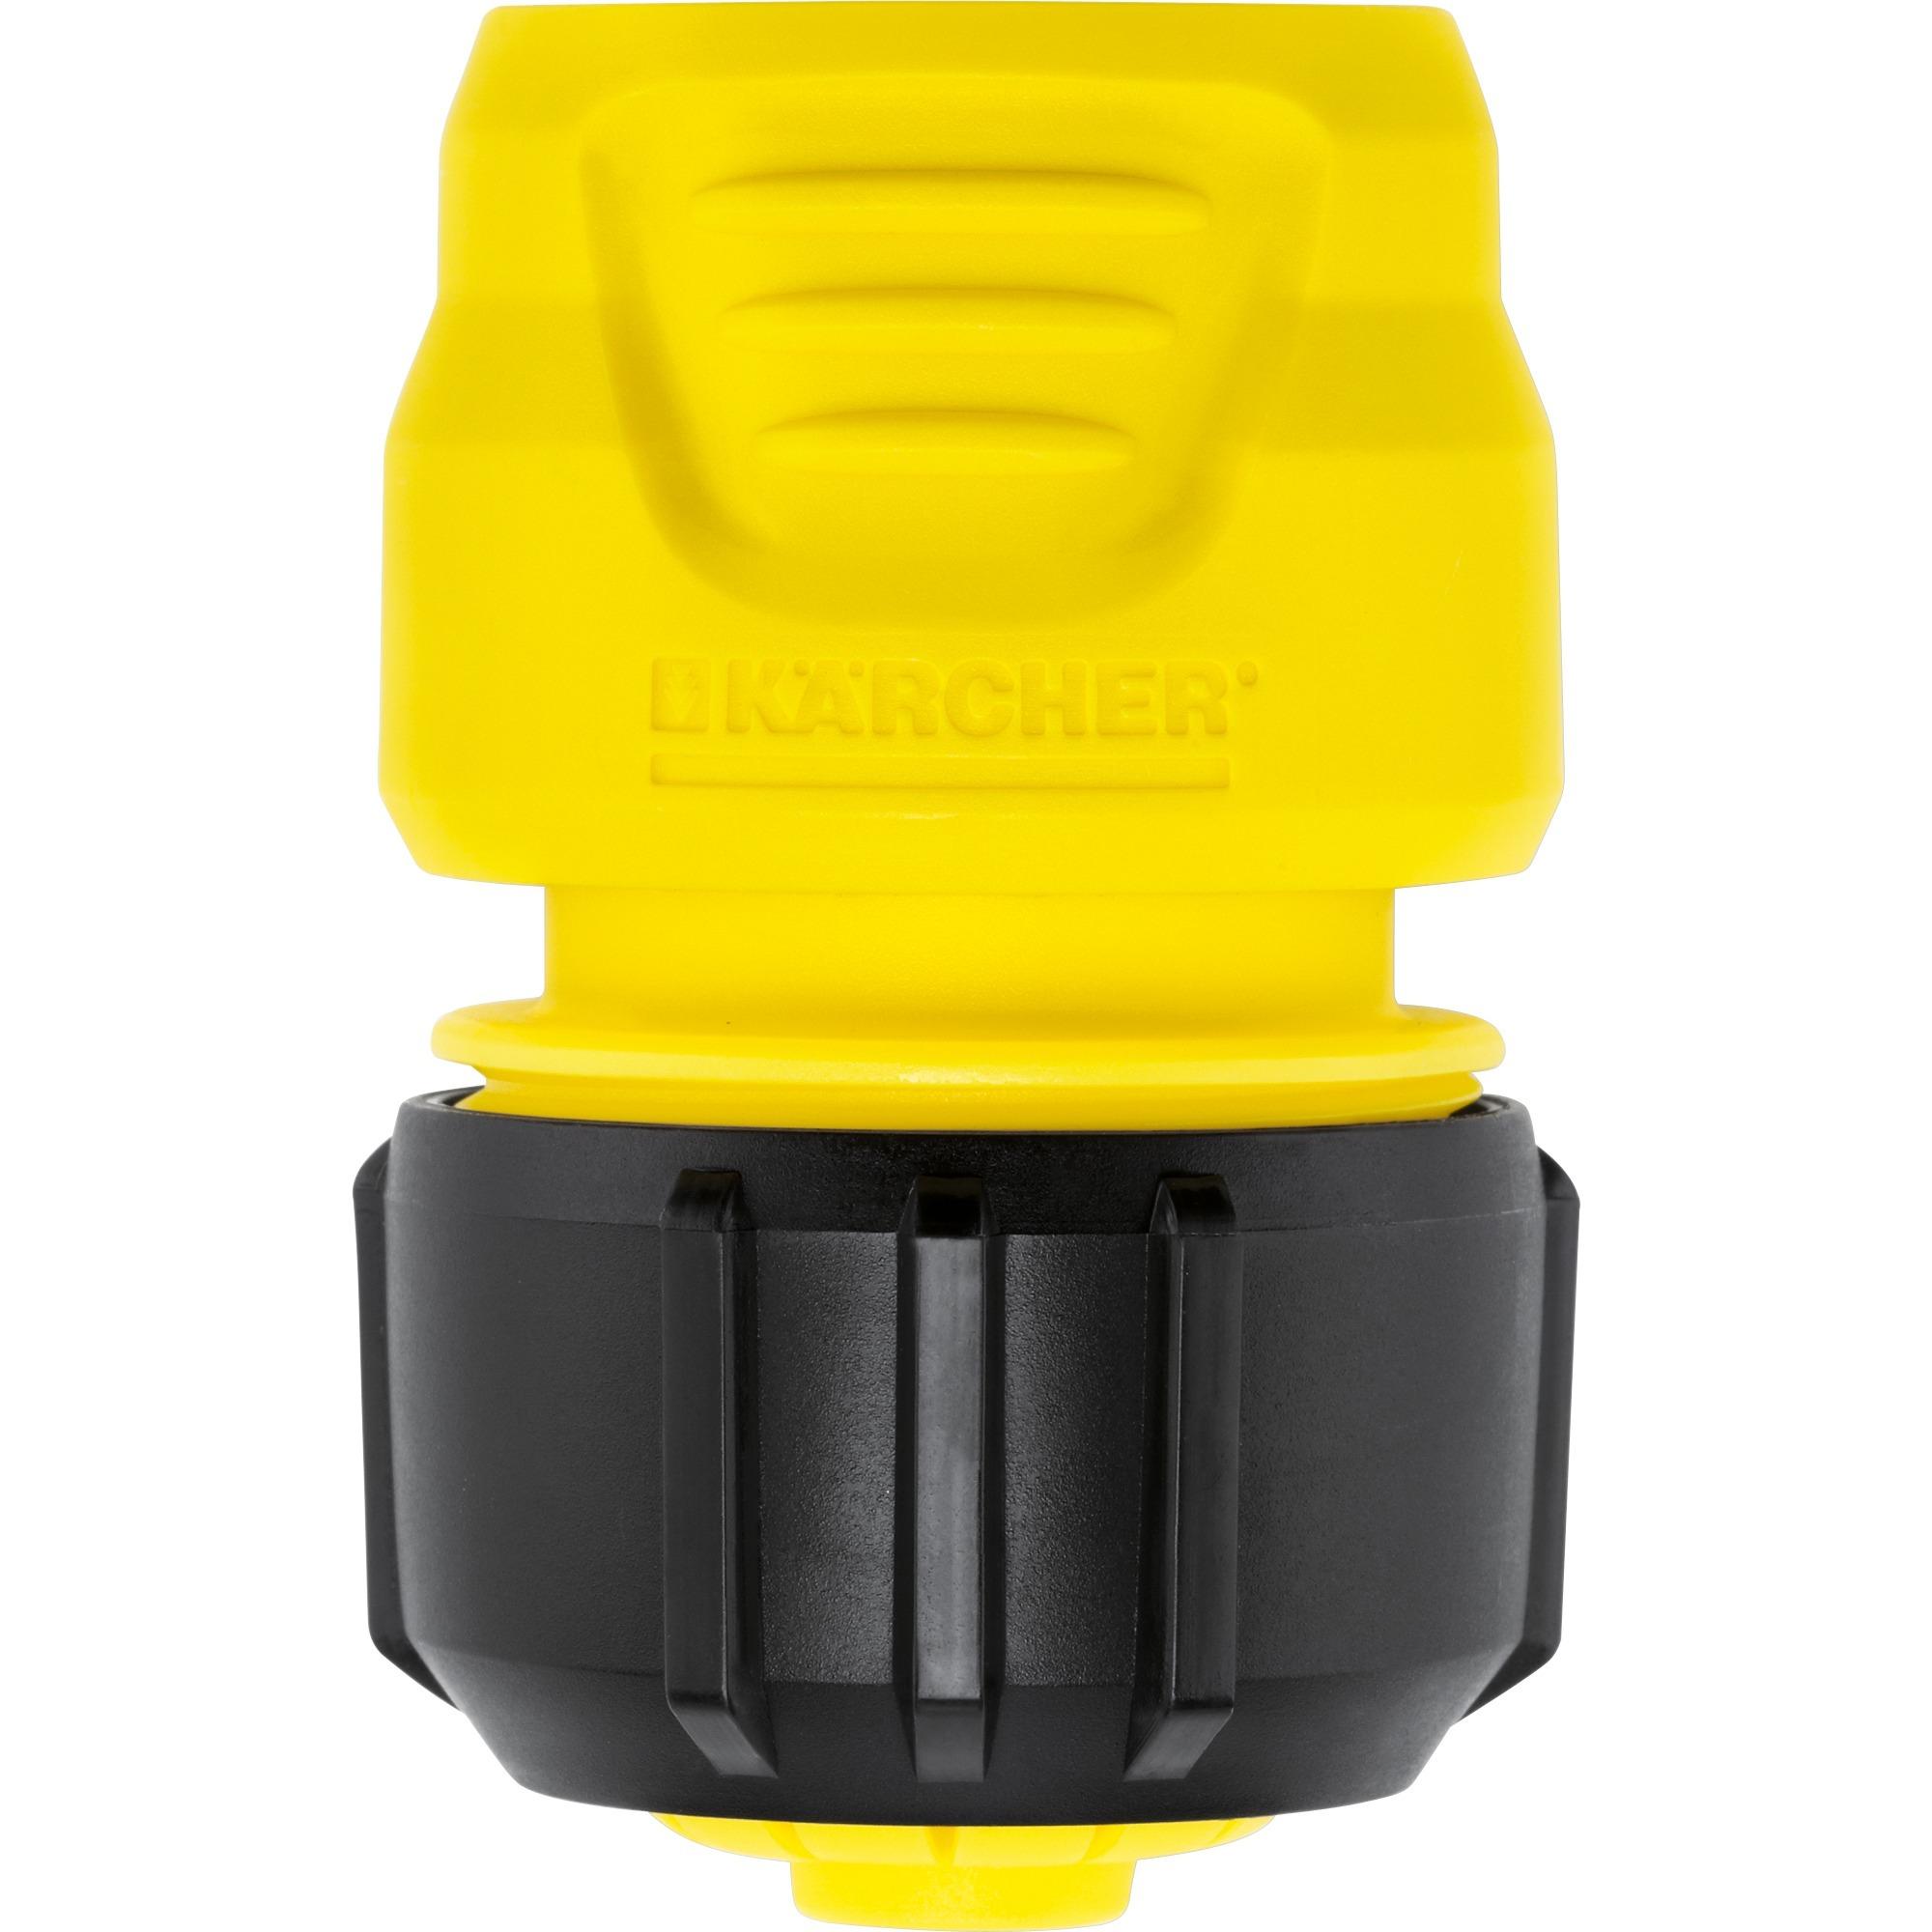 2.645-201.0 accesorio para manguera Negro, Amarillo 1 pieza(s), Pieza de manguera